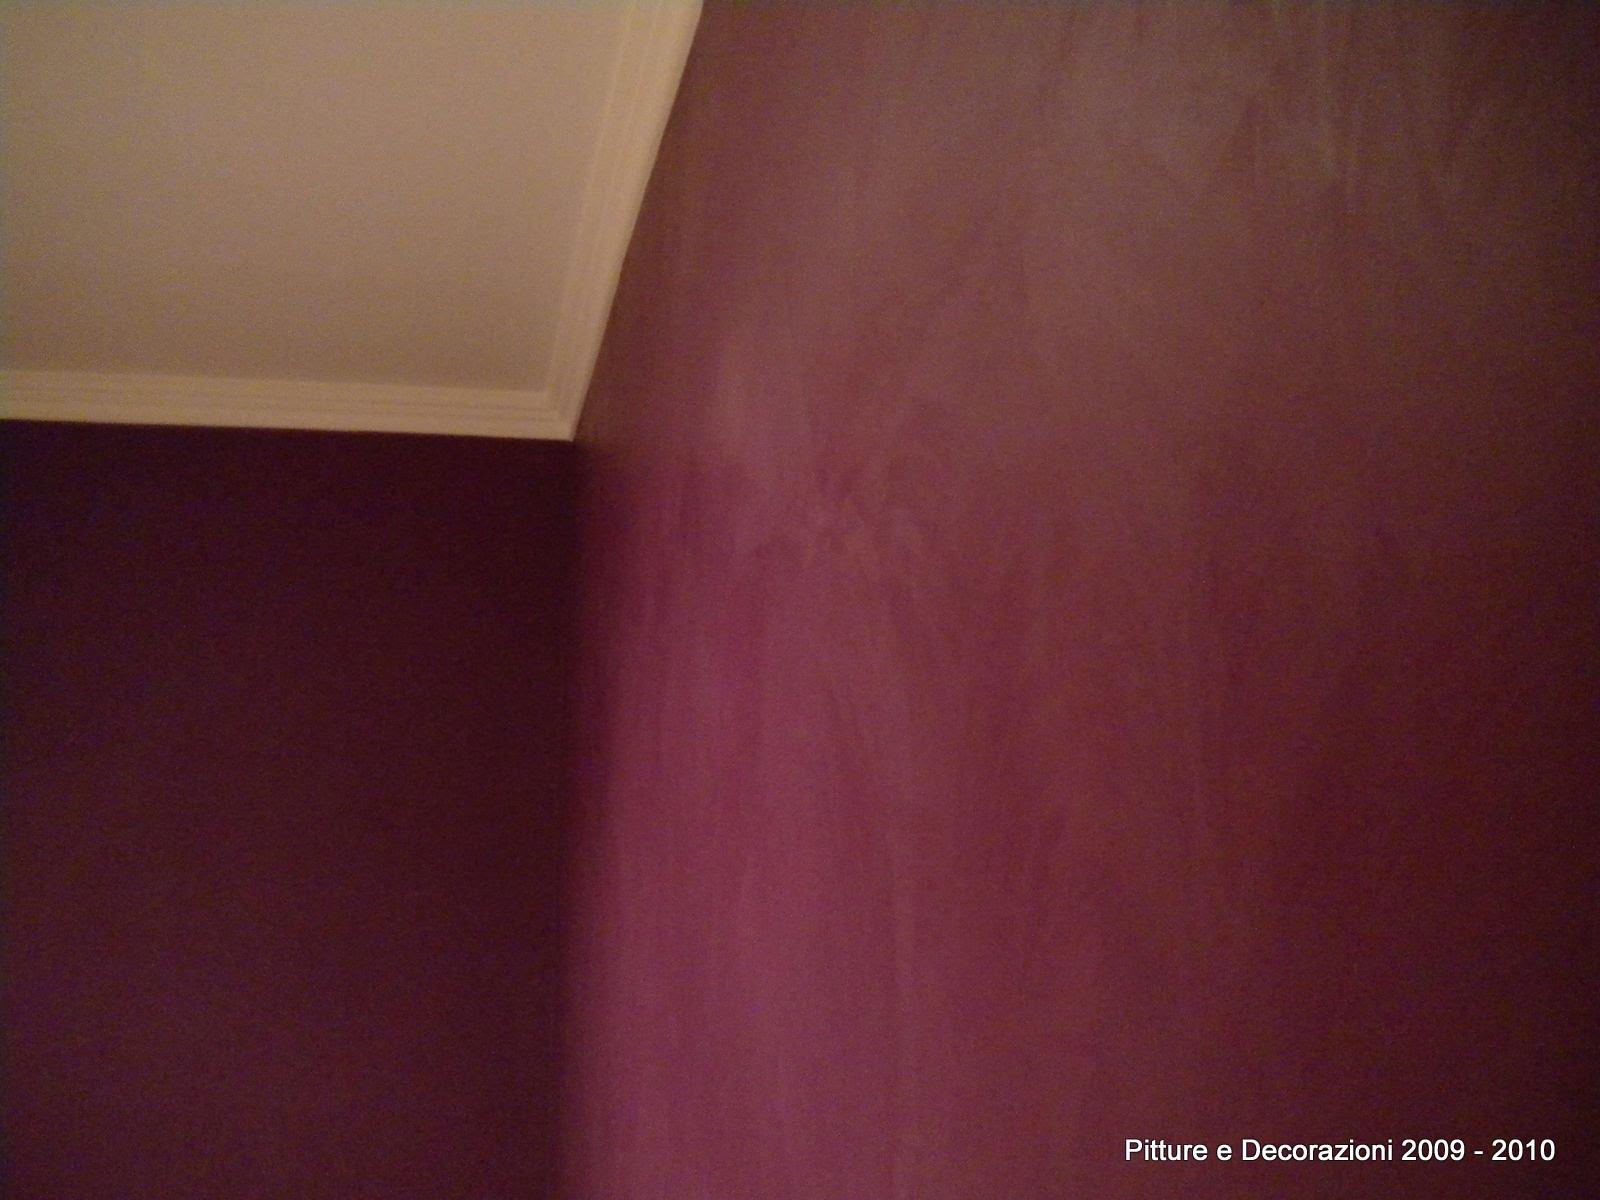 Pitture decorazioni contrasto di colori e materiali for Oikos colori interni